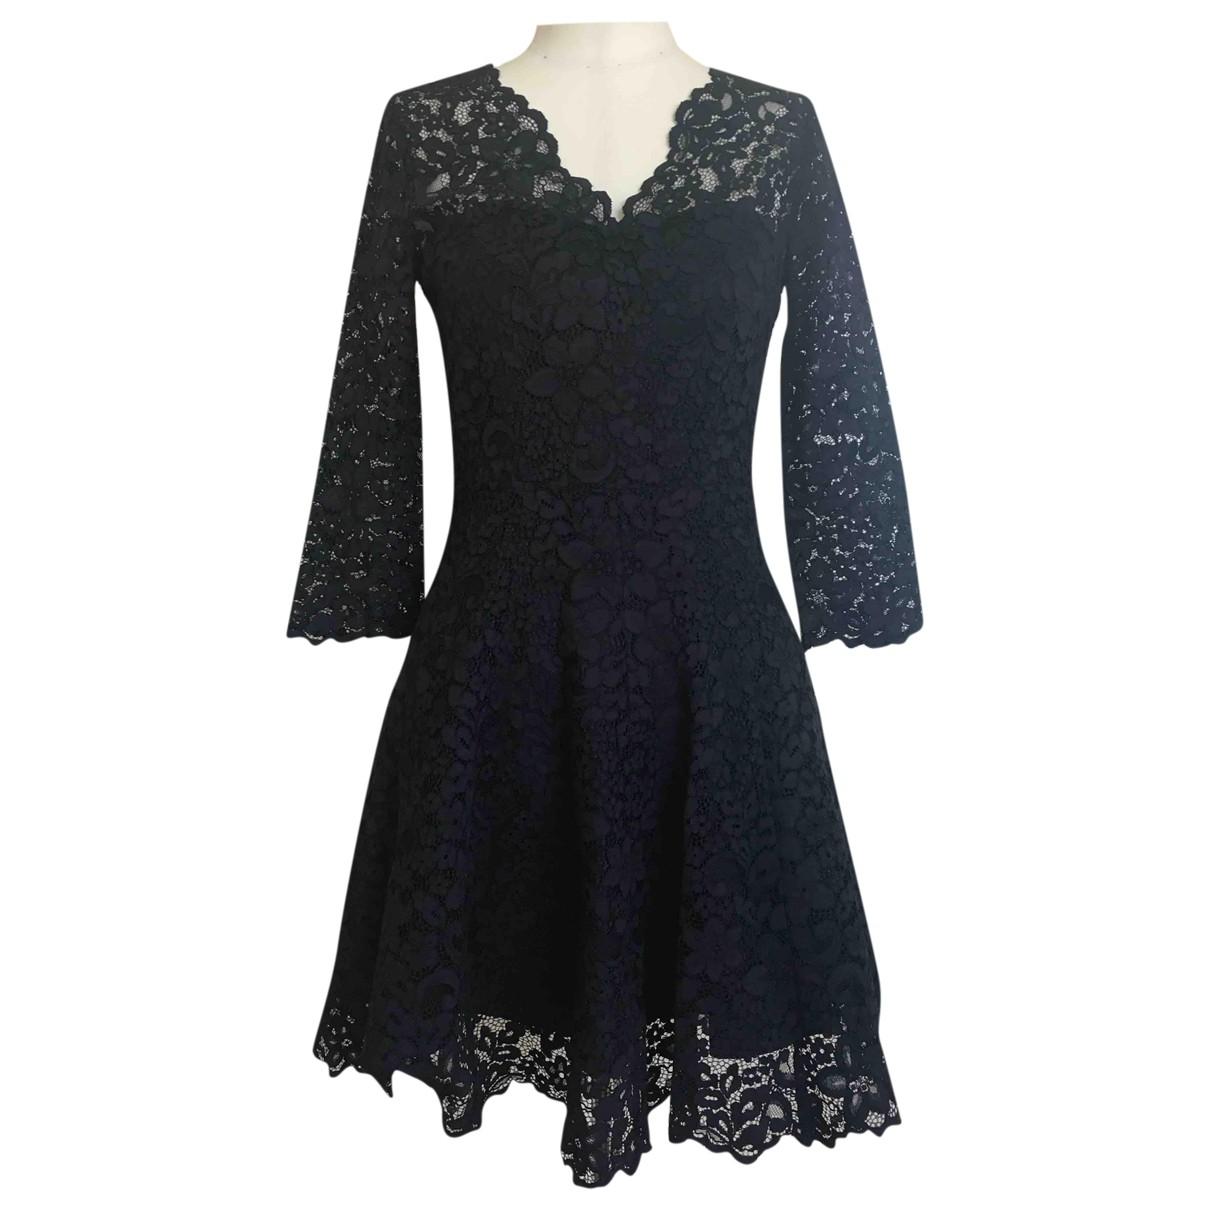 & Other Stories \N Kleid in  Schwarz Baumwolle